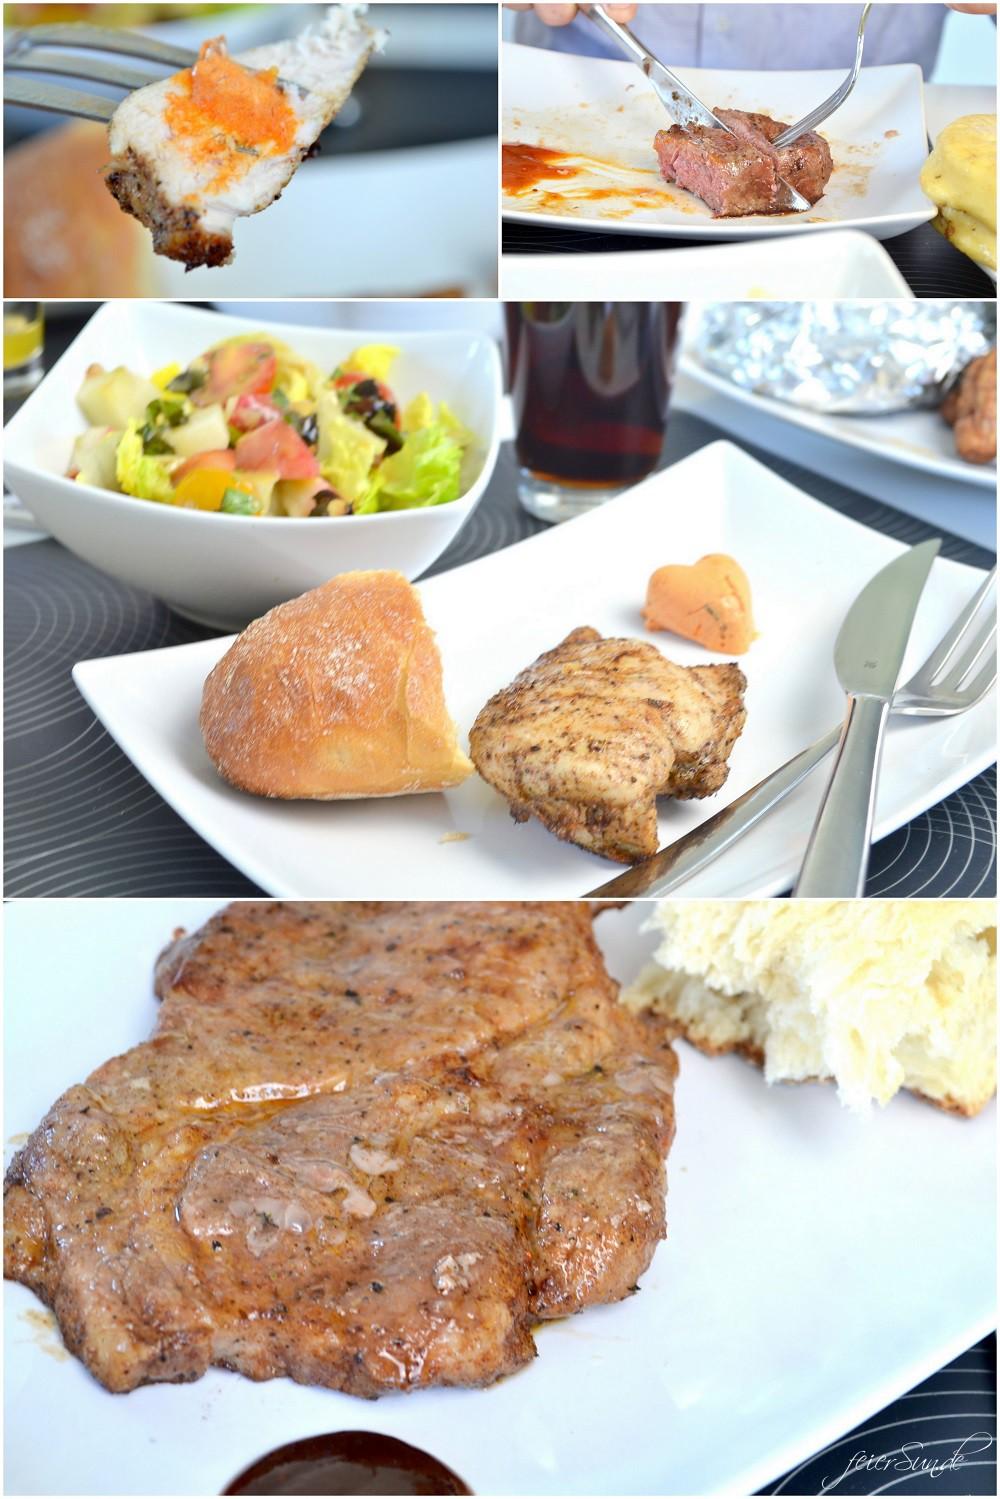 Alle an einen Tisch mit der Grillbox und das phantastische Fleisch aus der Kochzauber Grillbox 2016